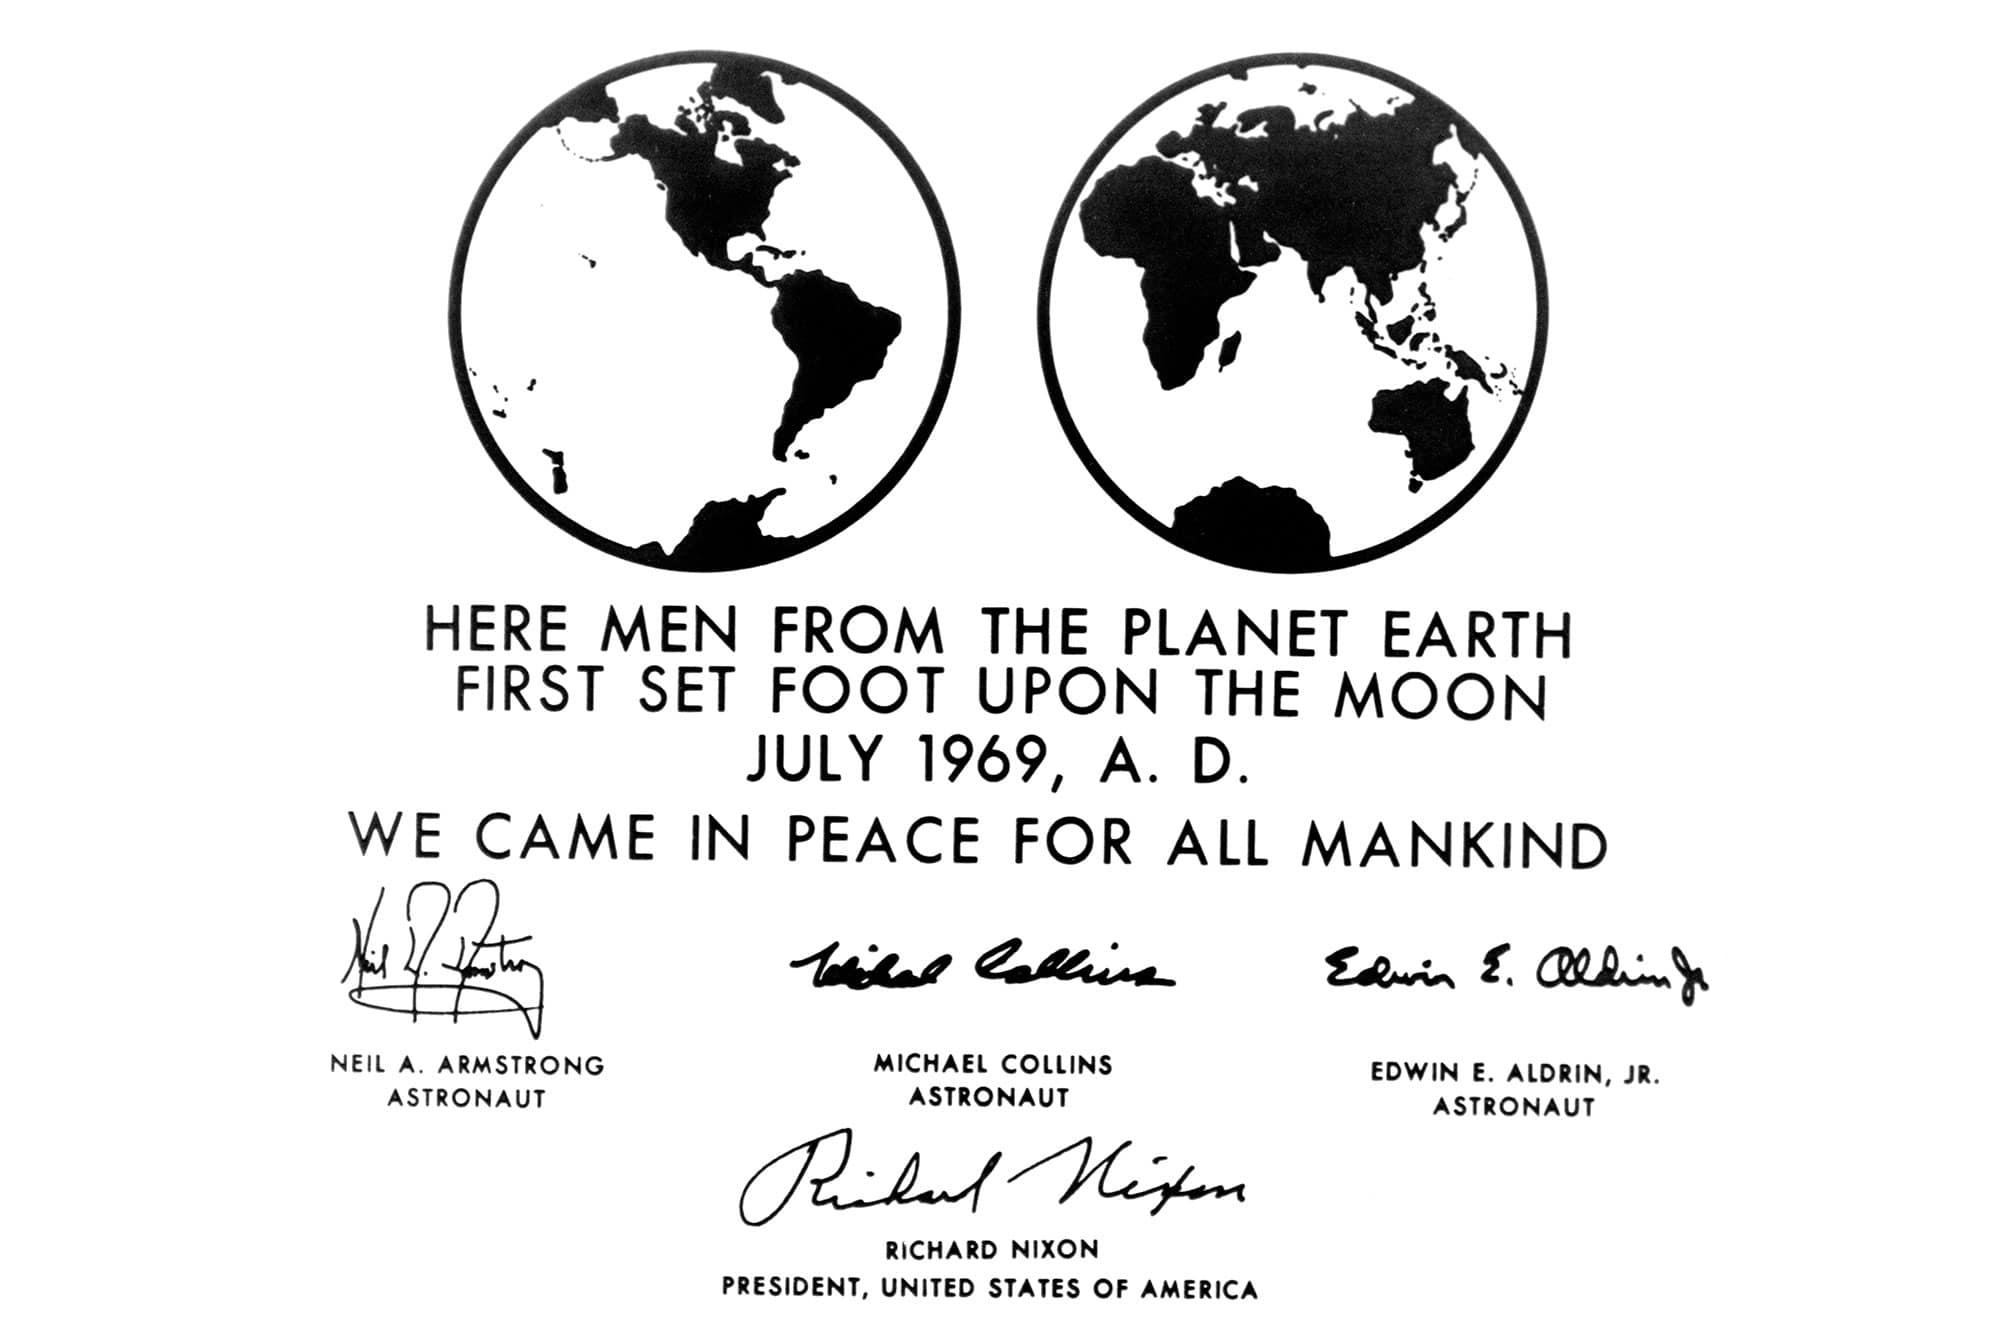 Réplica de la placa que dejaron los astronautas del Apolo 11 en la Luna.